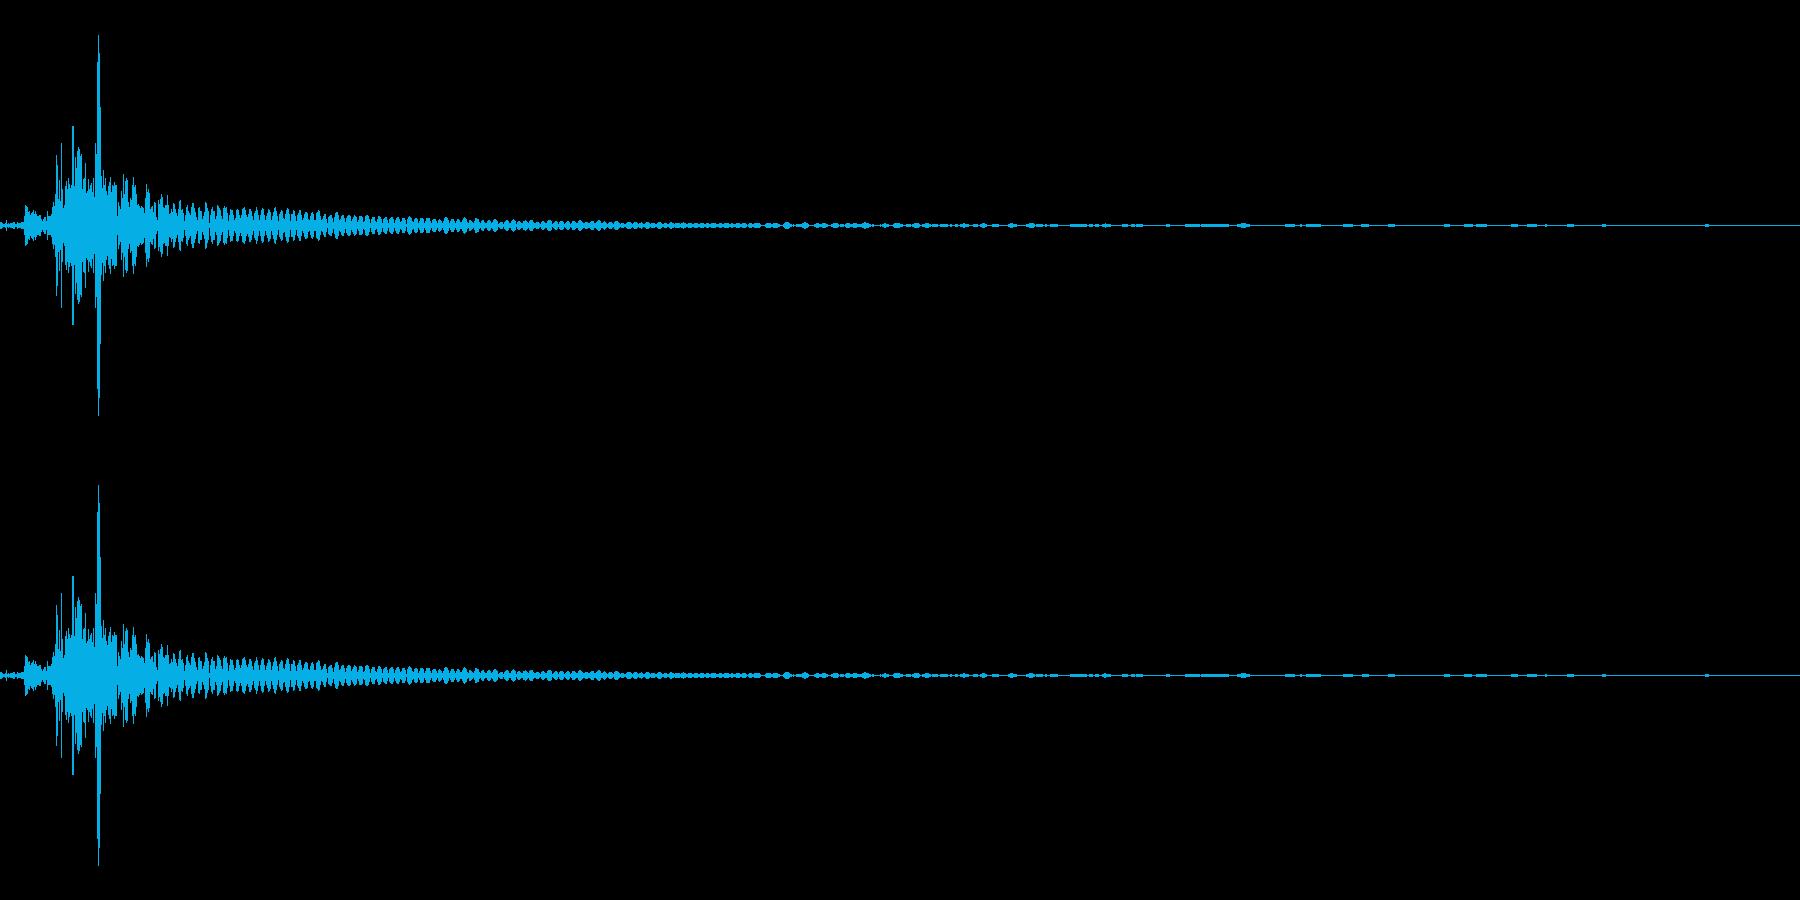 ビンを開ける音(ポン、キュポ)の再生済みの波形